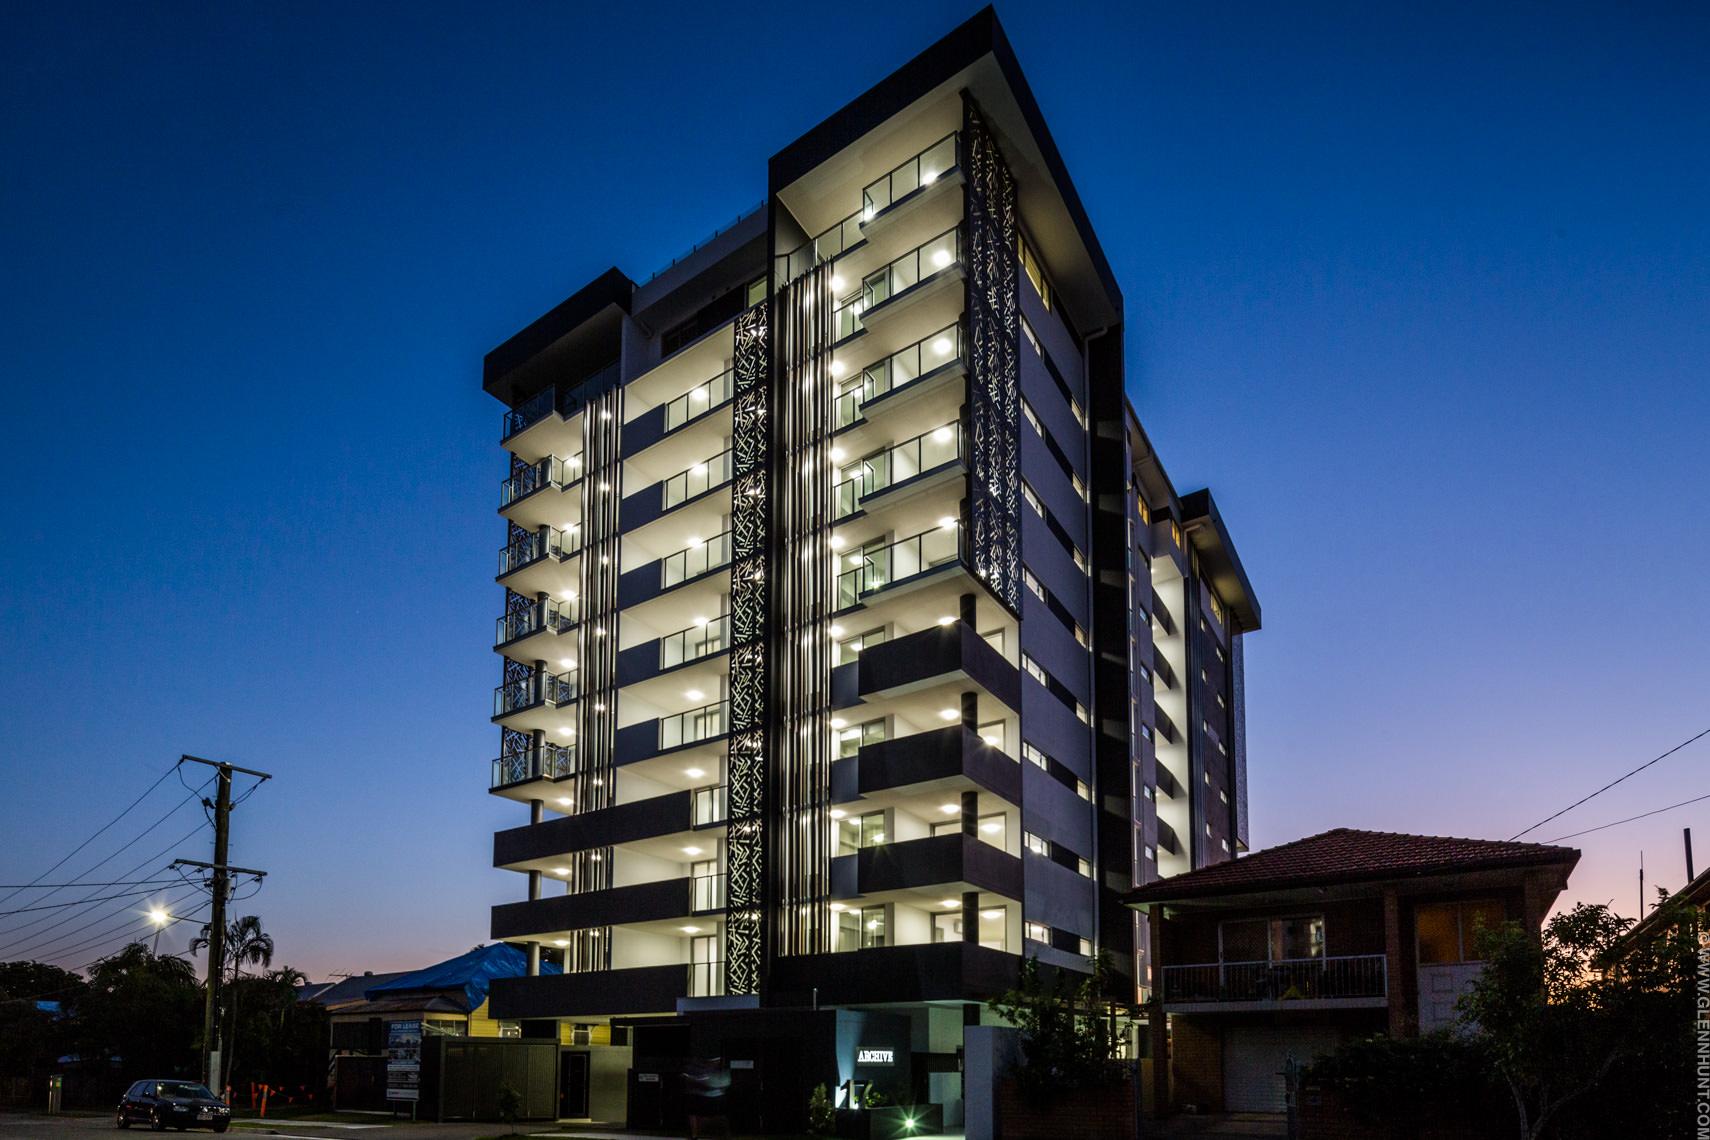 BrisbaneArchitecturalPhotographer-b